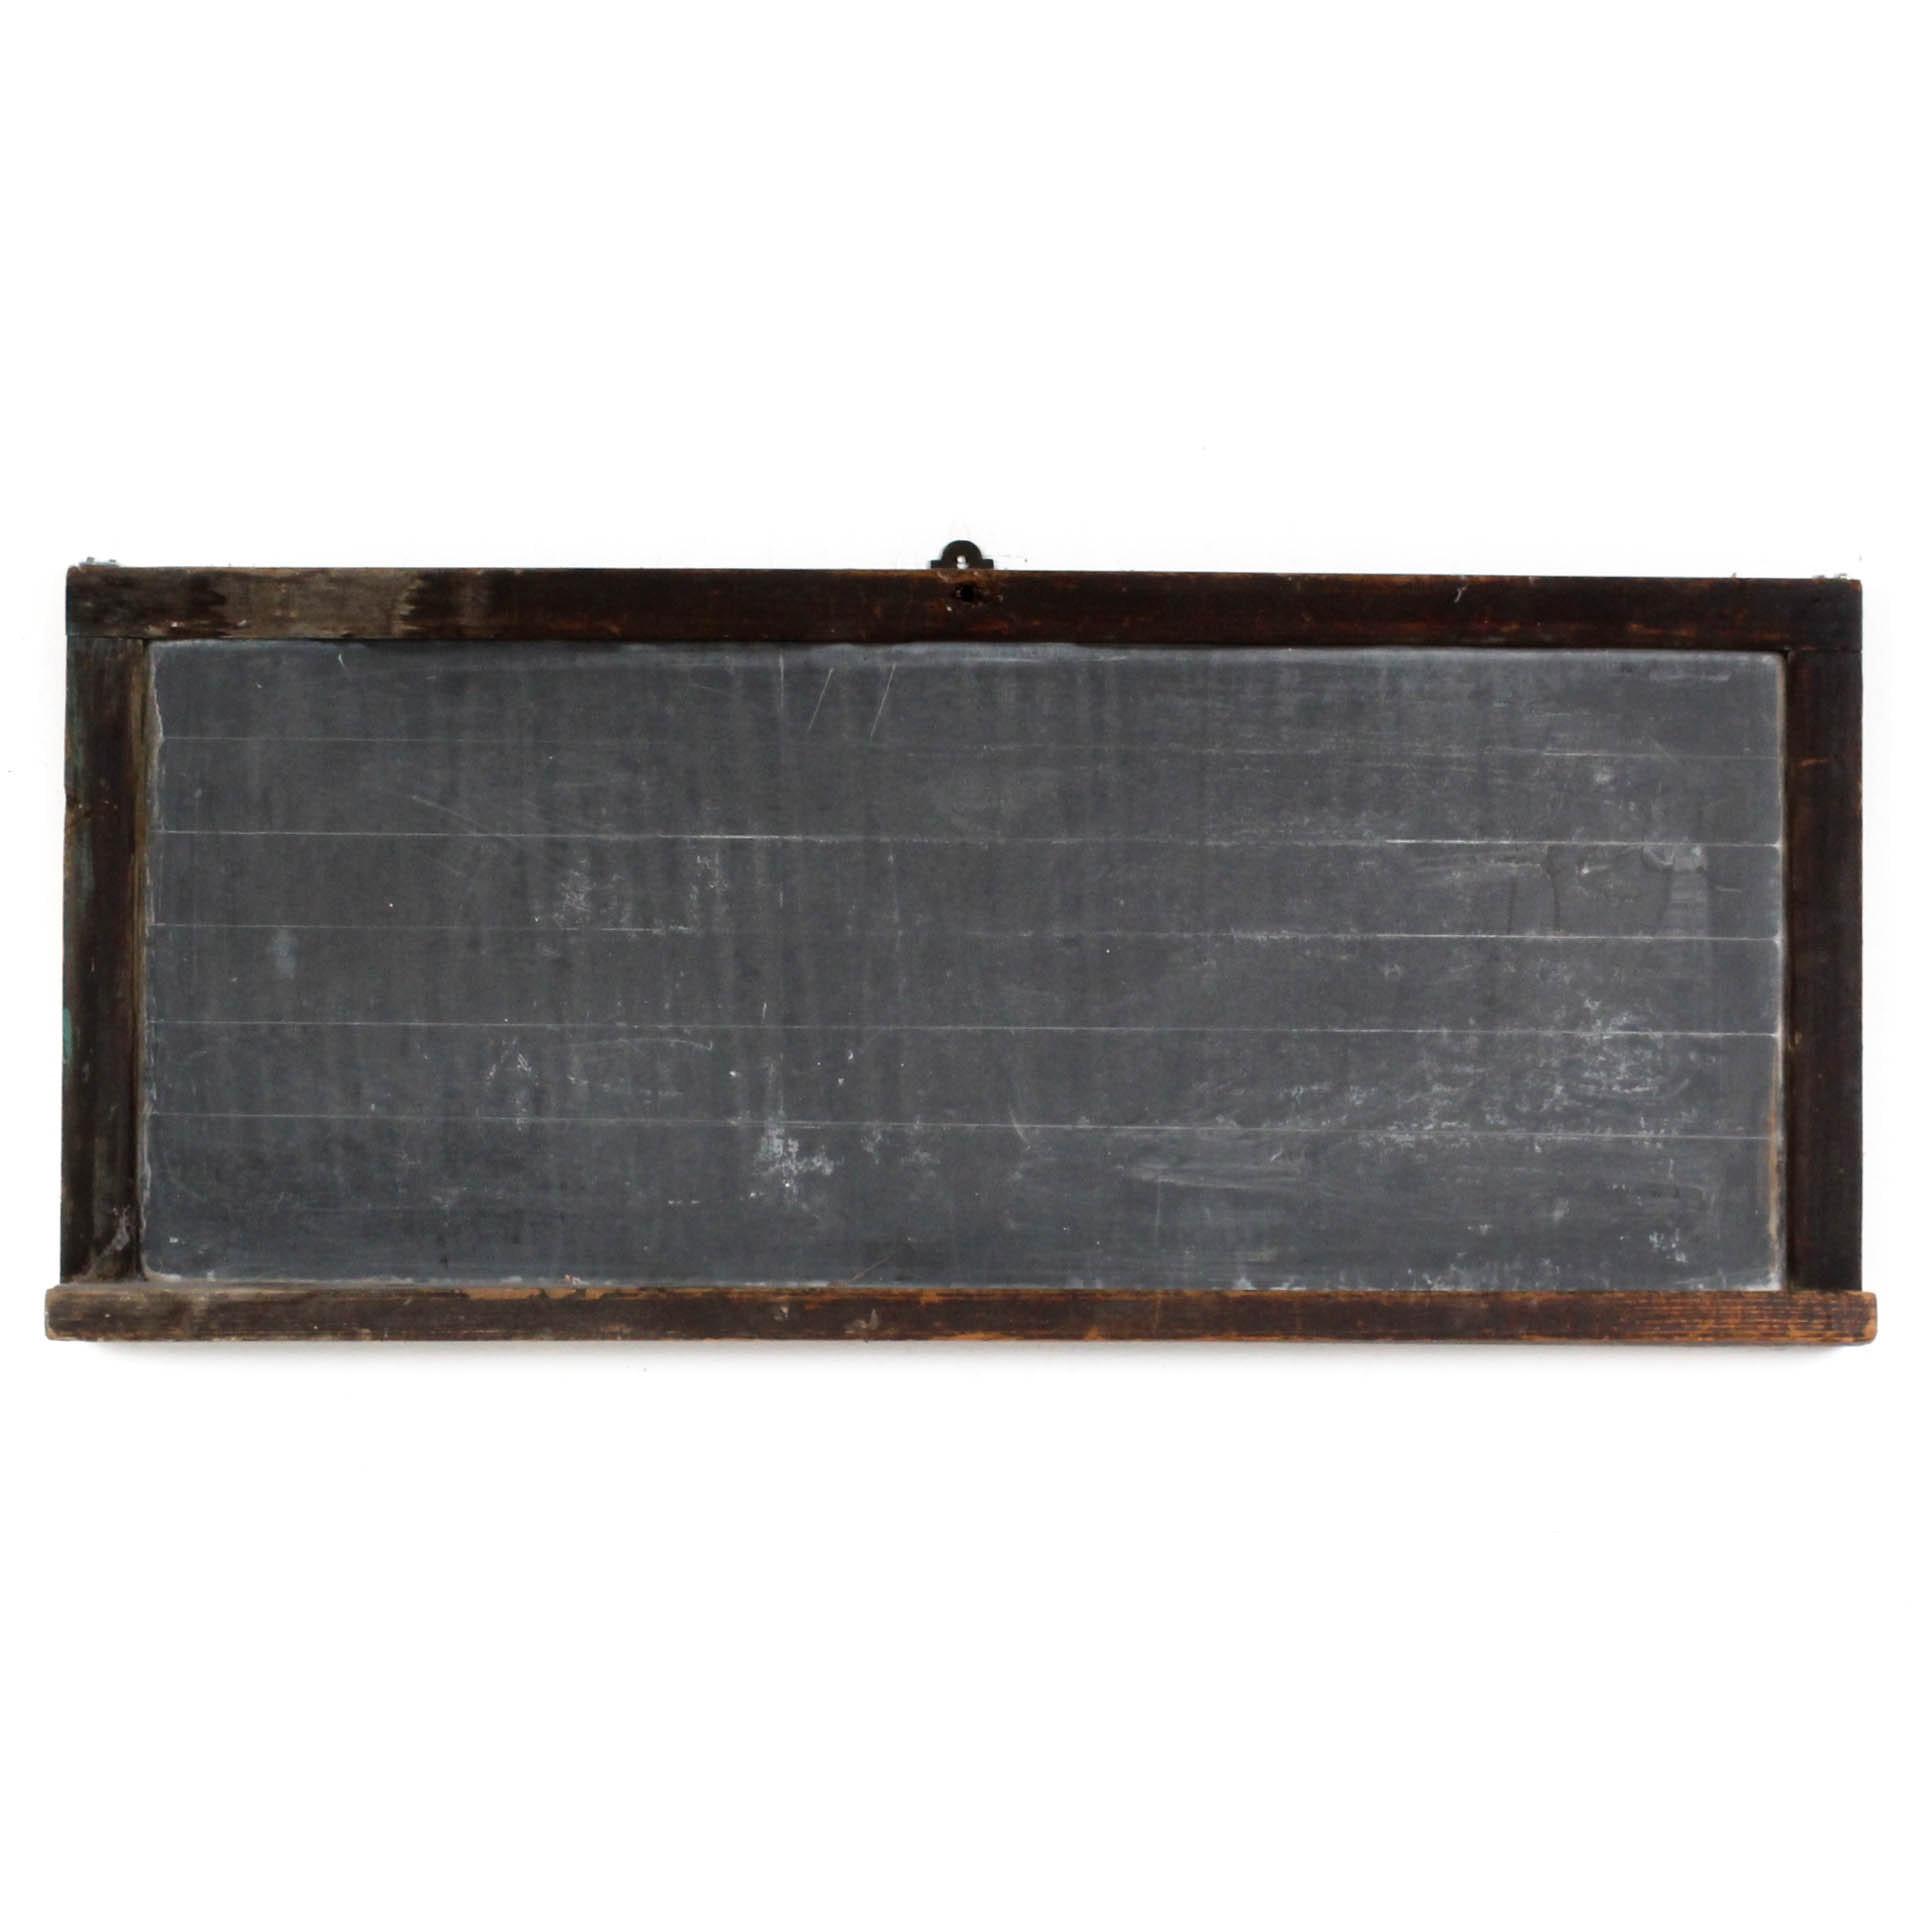 Antique Hanging Chalkboard